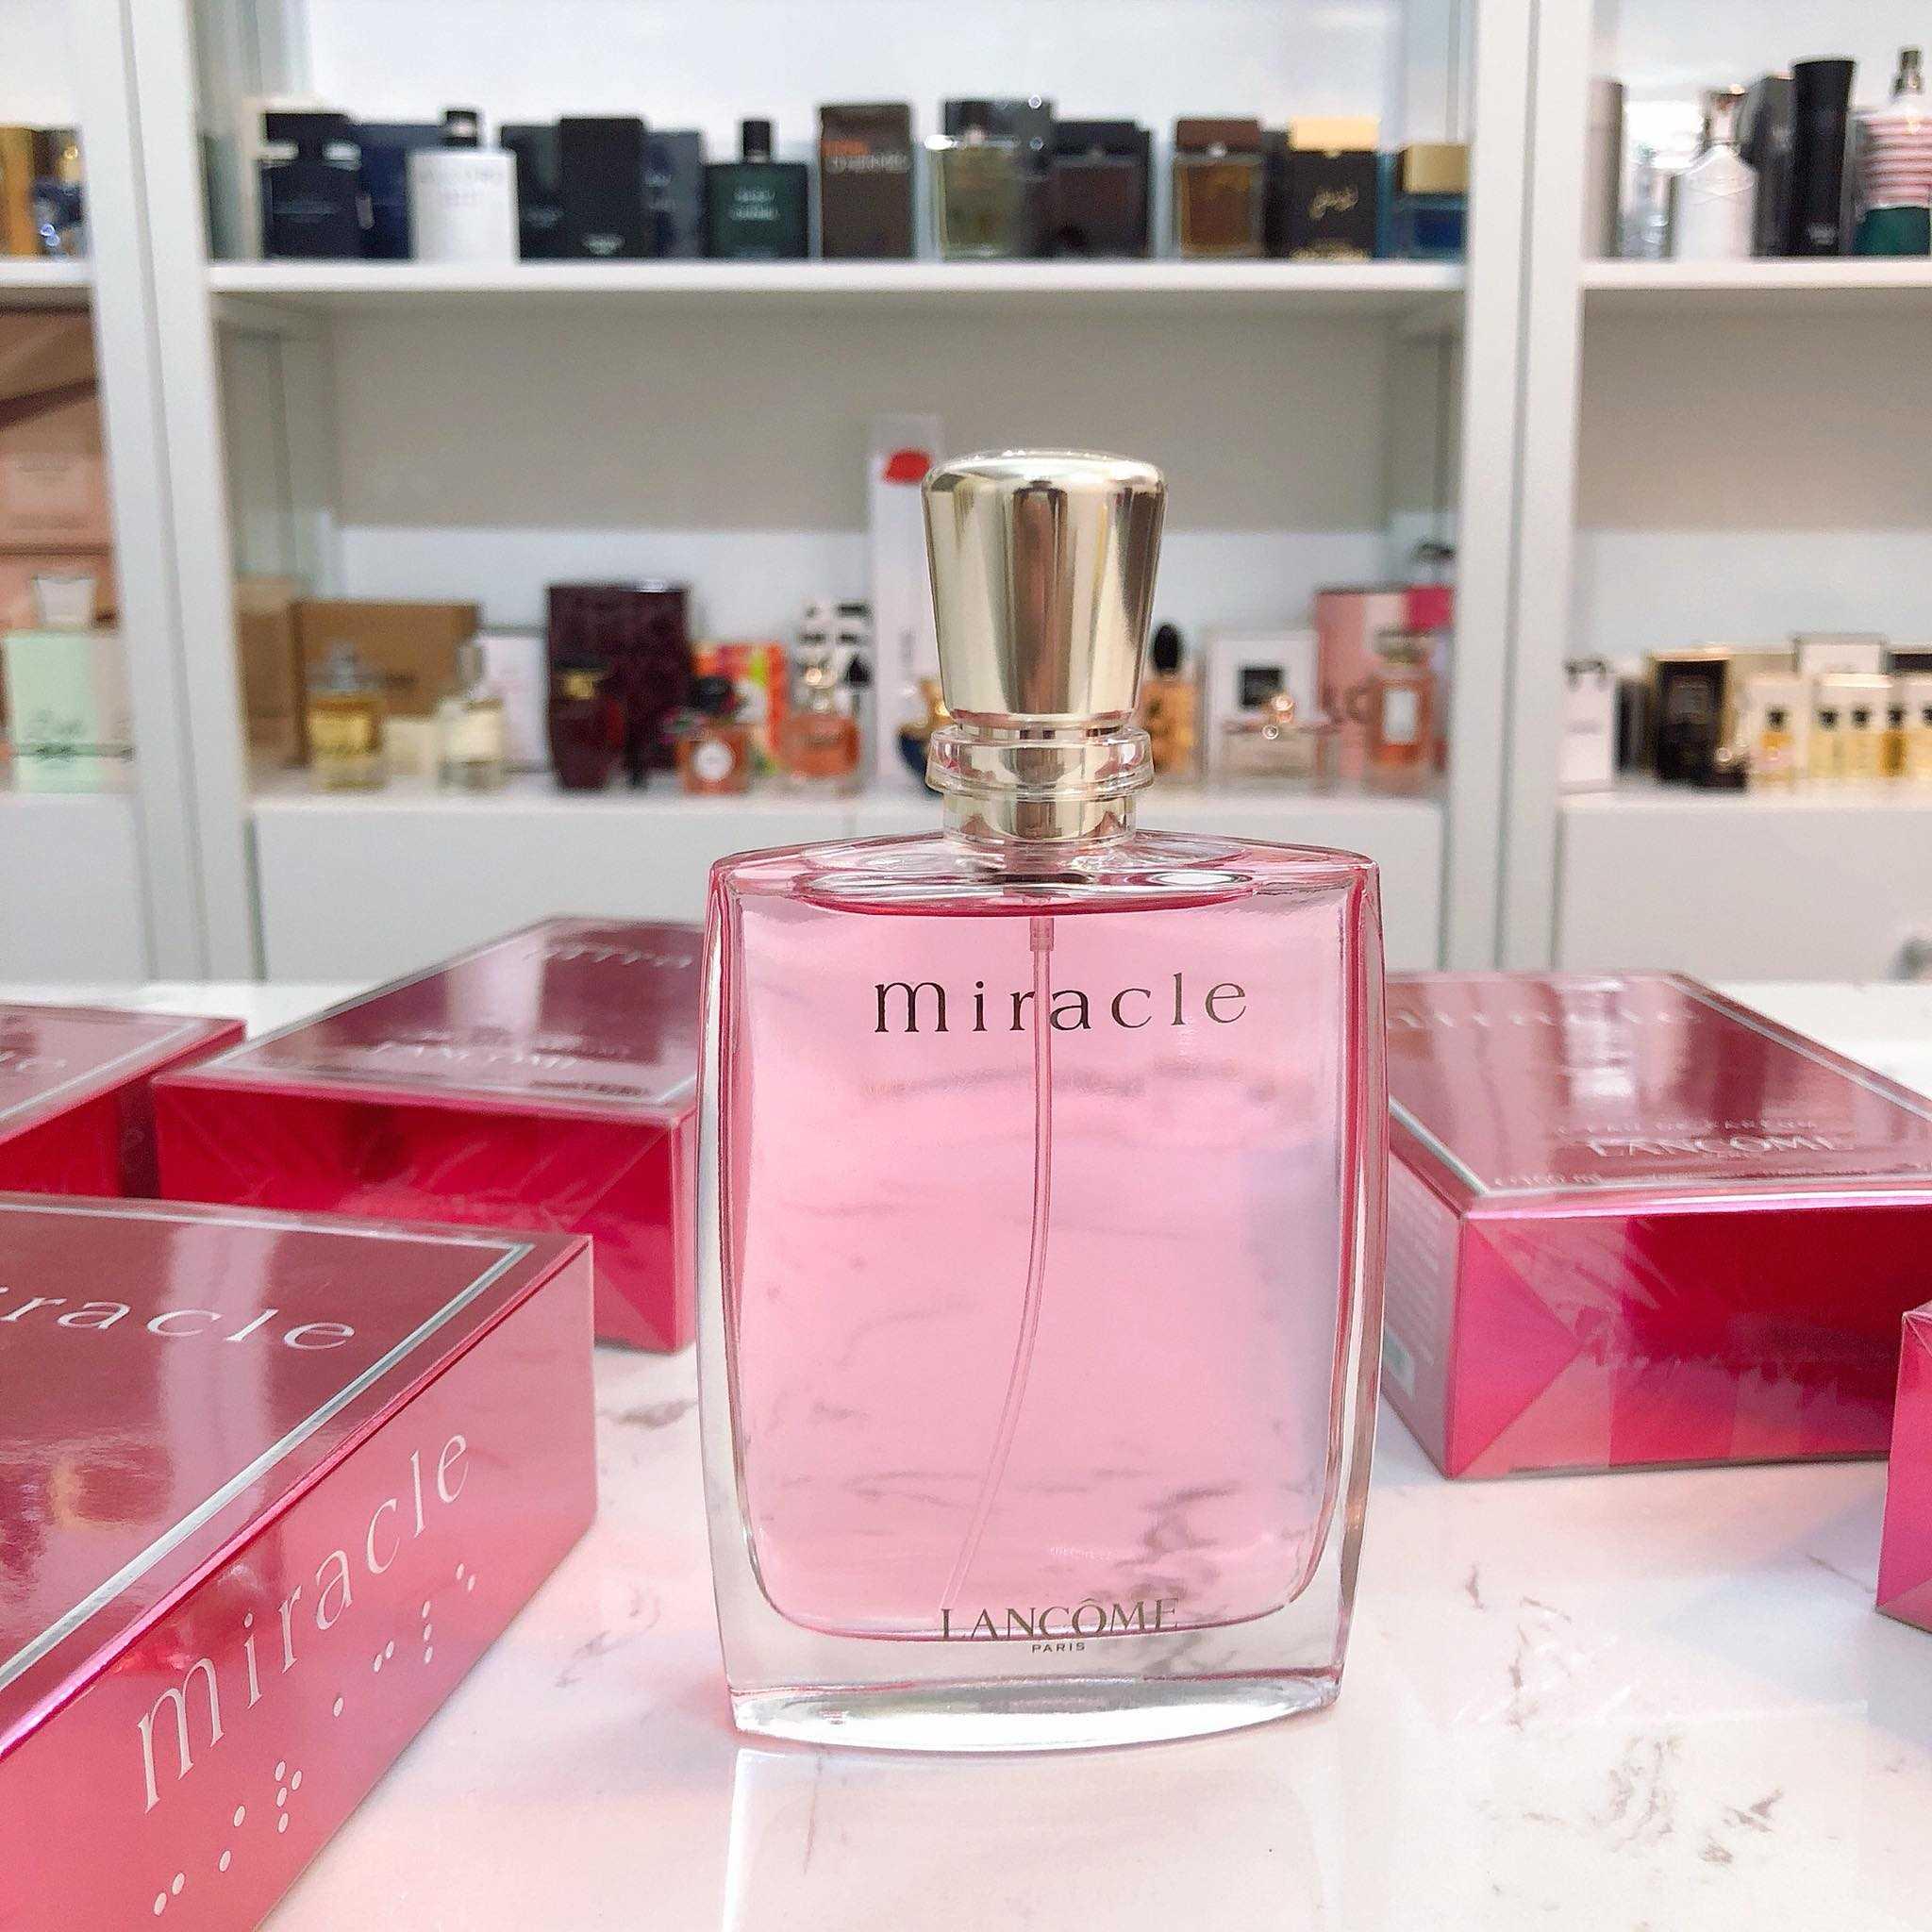 Chai nước hoa Lancome Miralce được thiết kế cực yêu